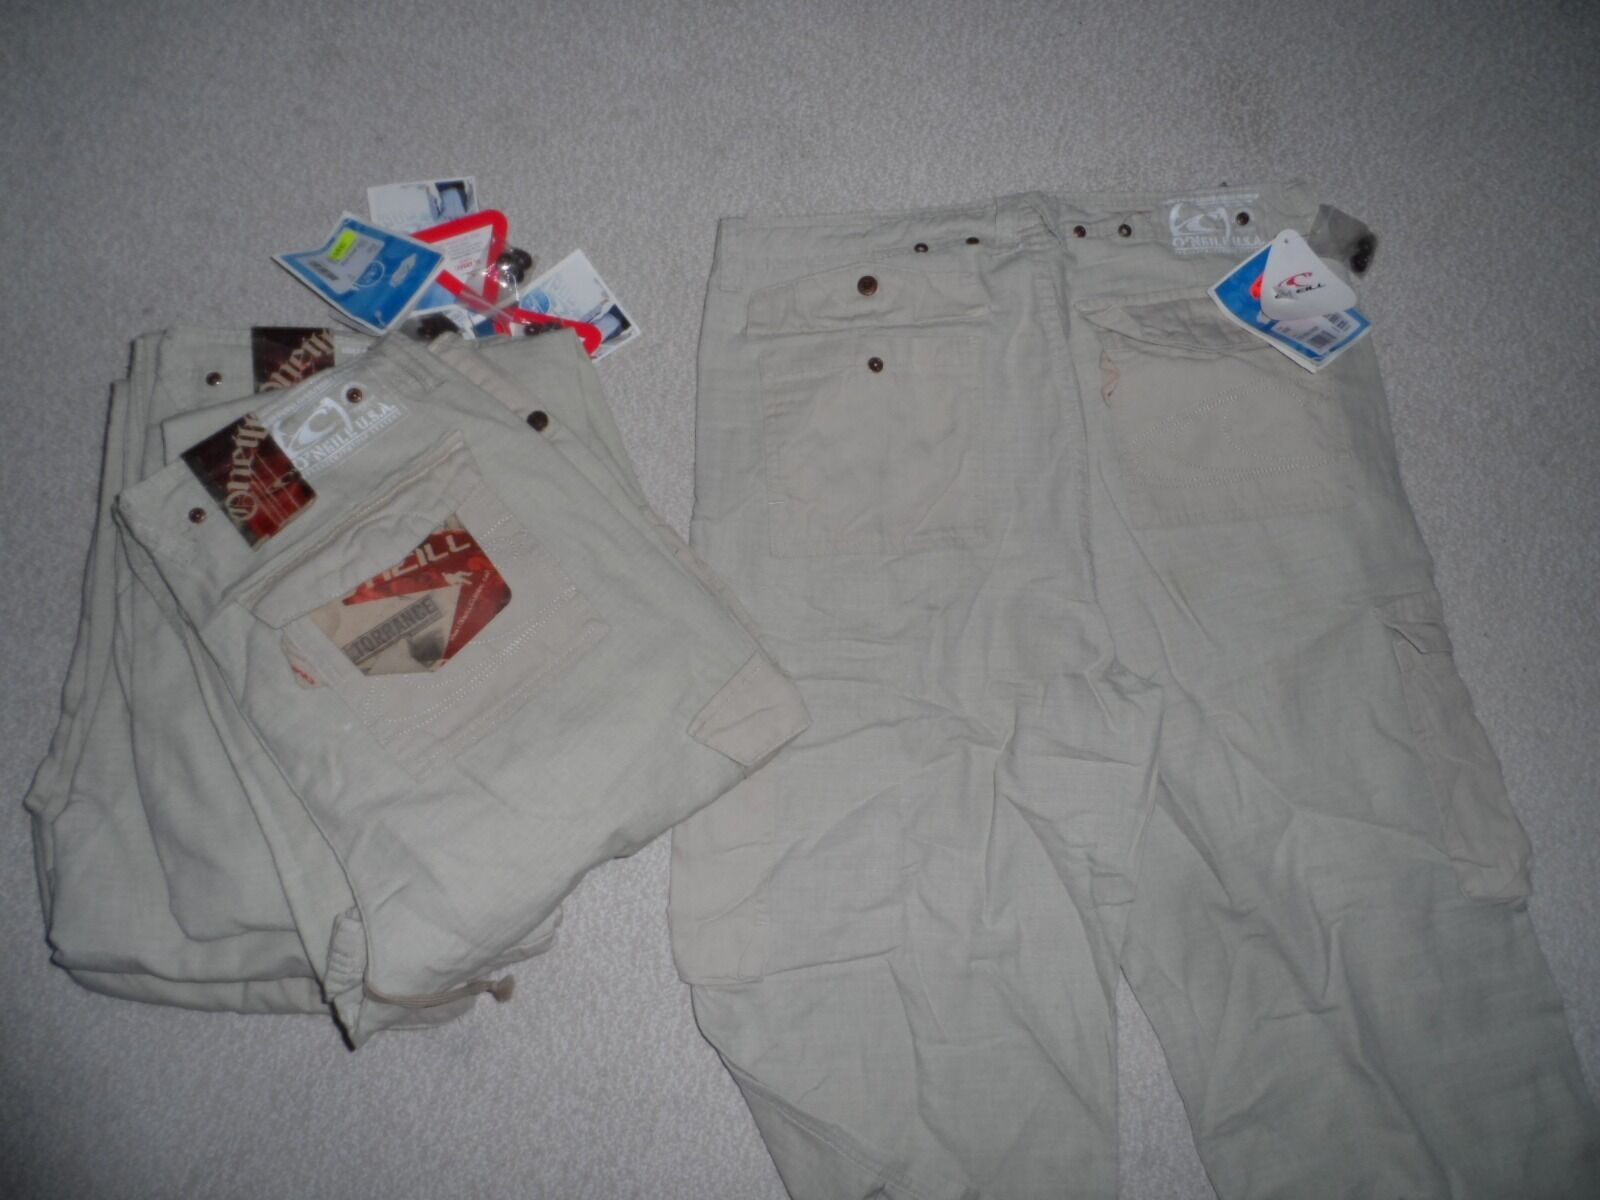 Restposten 6 x O'neill Leinen Leinen Leinen Hosen Freizeit Boutique Markenware NEU Original 5a7294